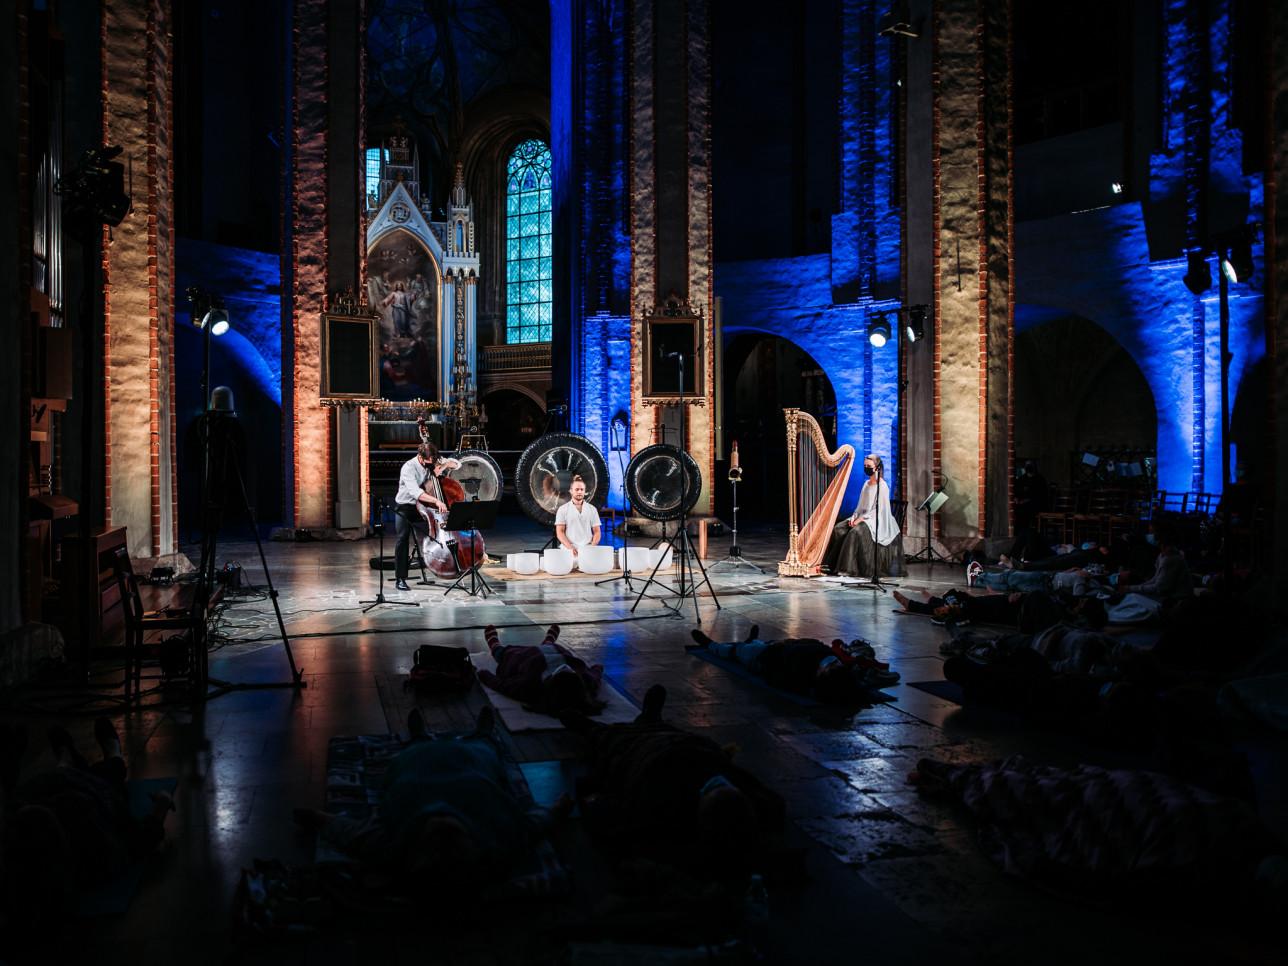 Sound Healing Concert 23.8. Tuomiokirkko